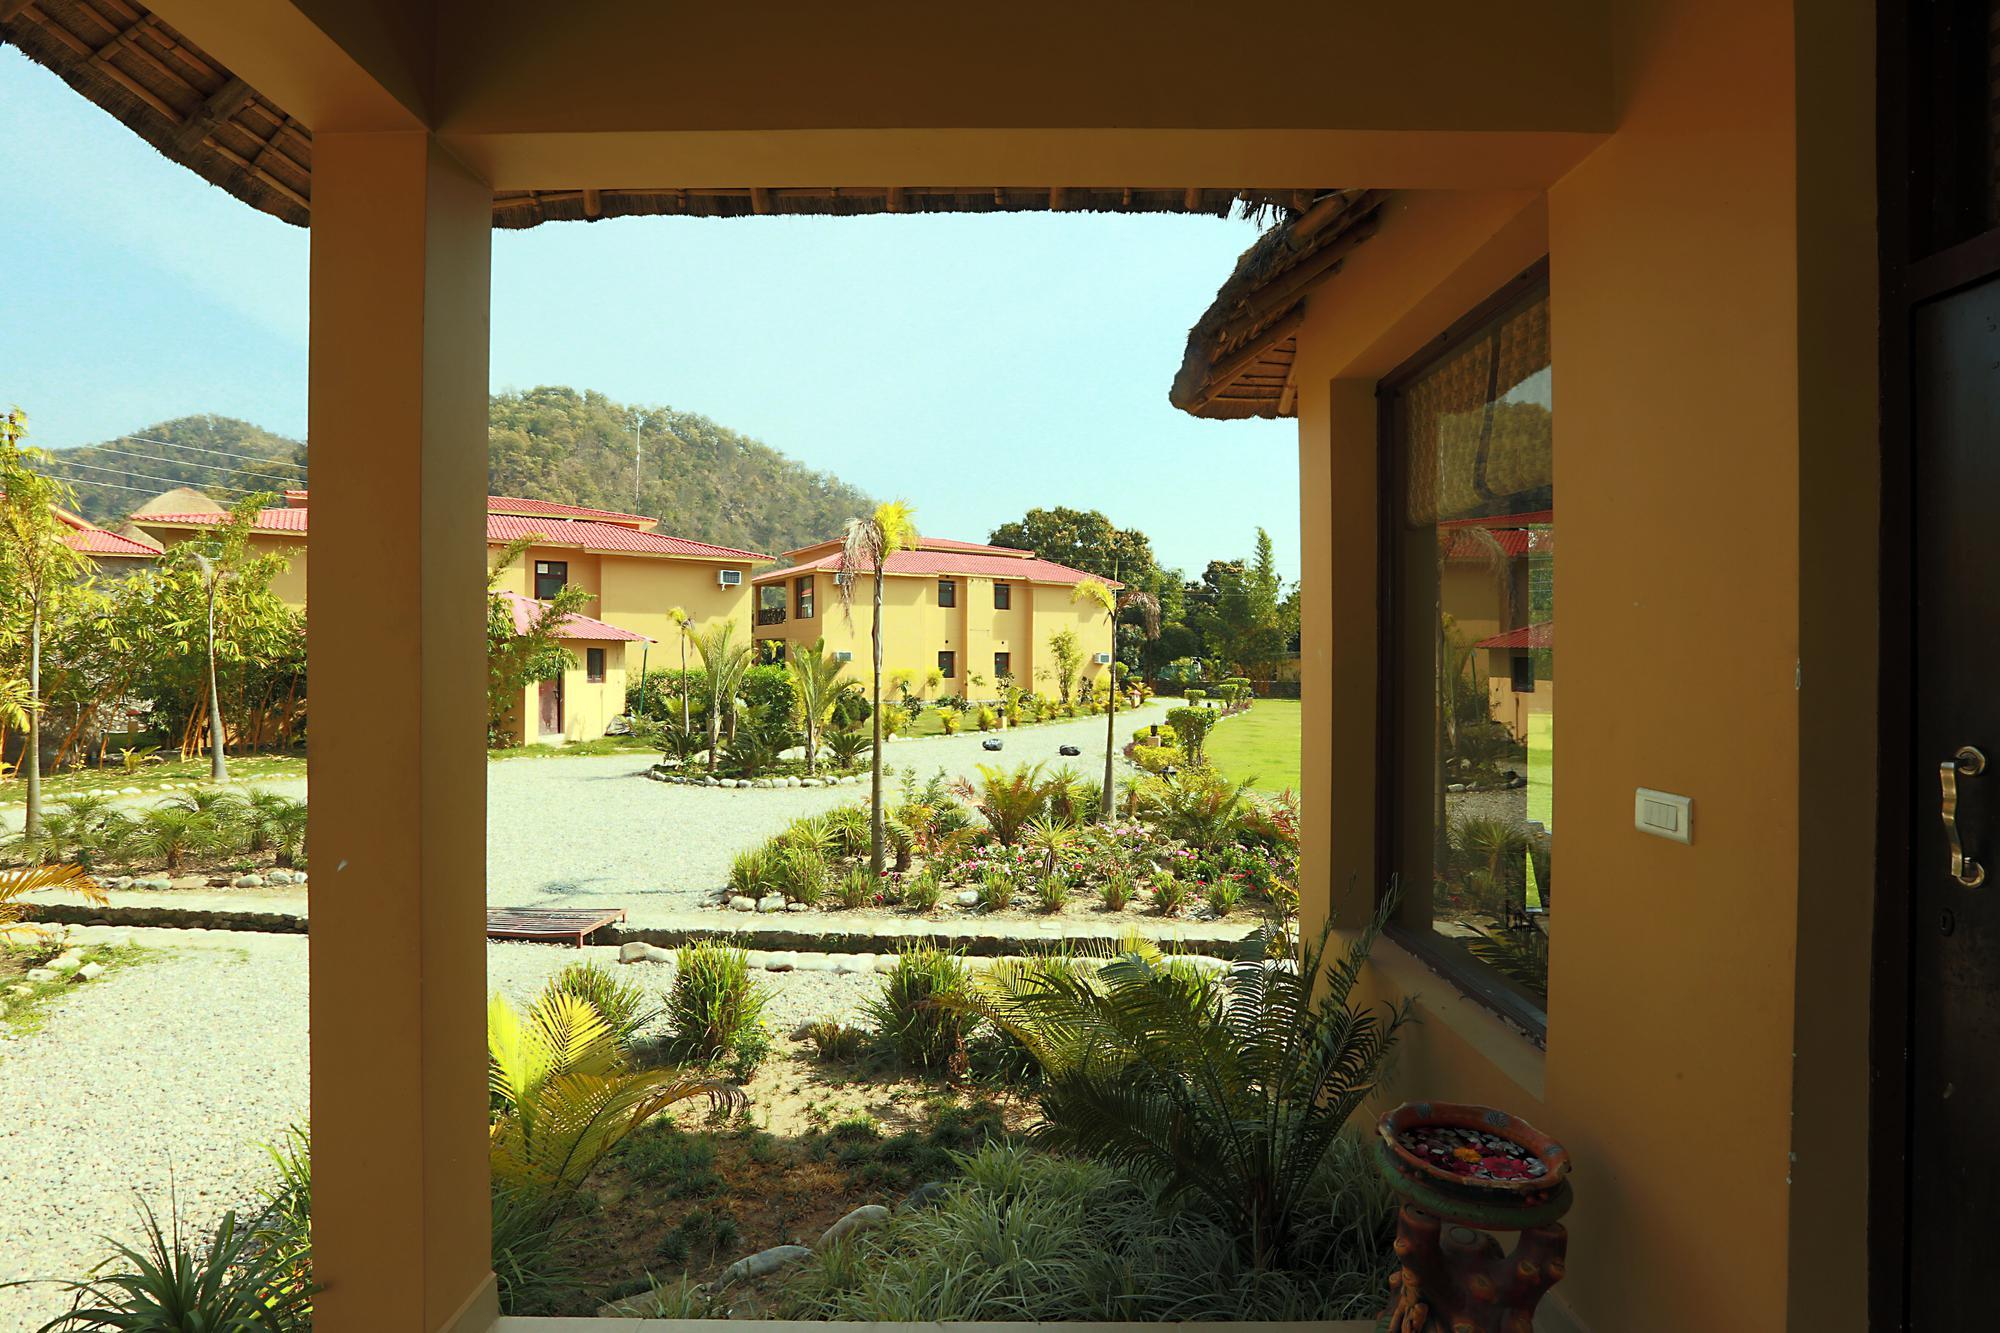 Corbett Mango Bloom Spa Resort in Corbett